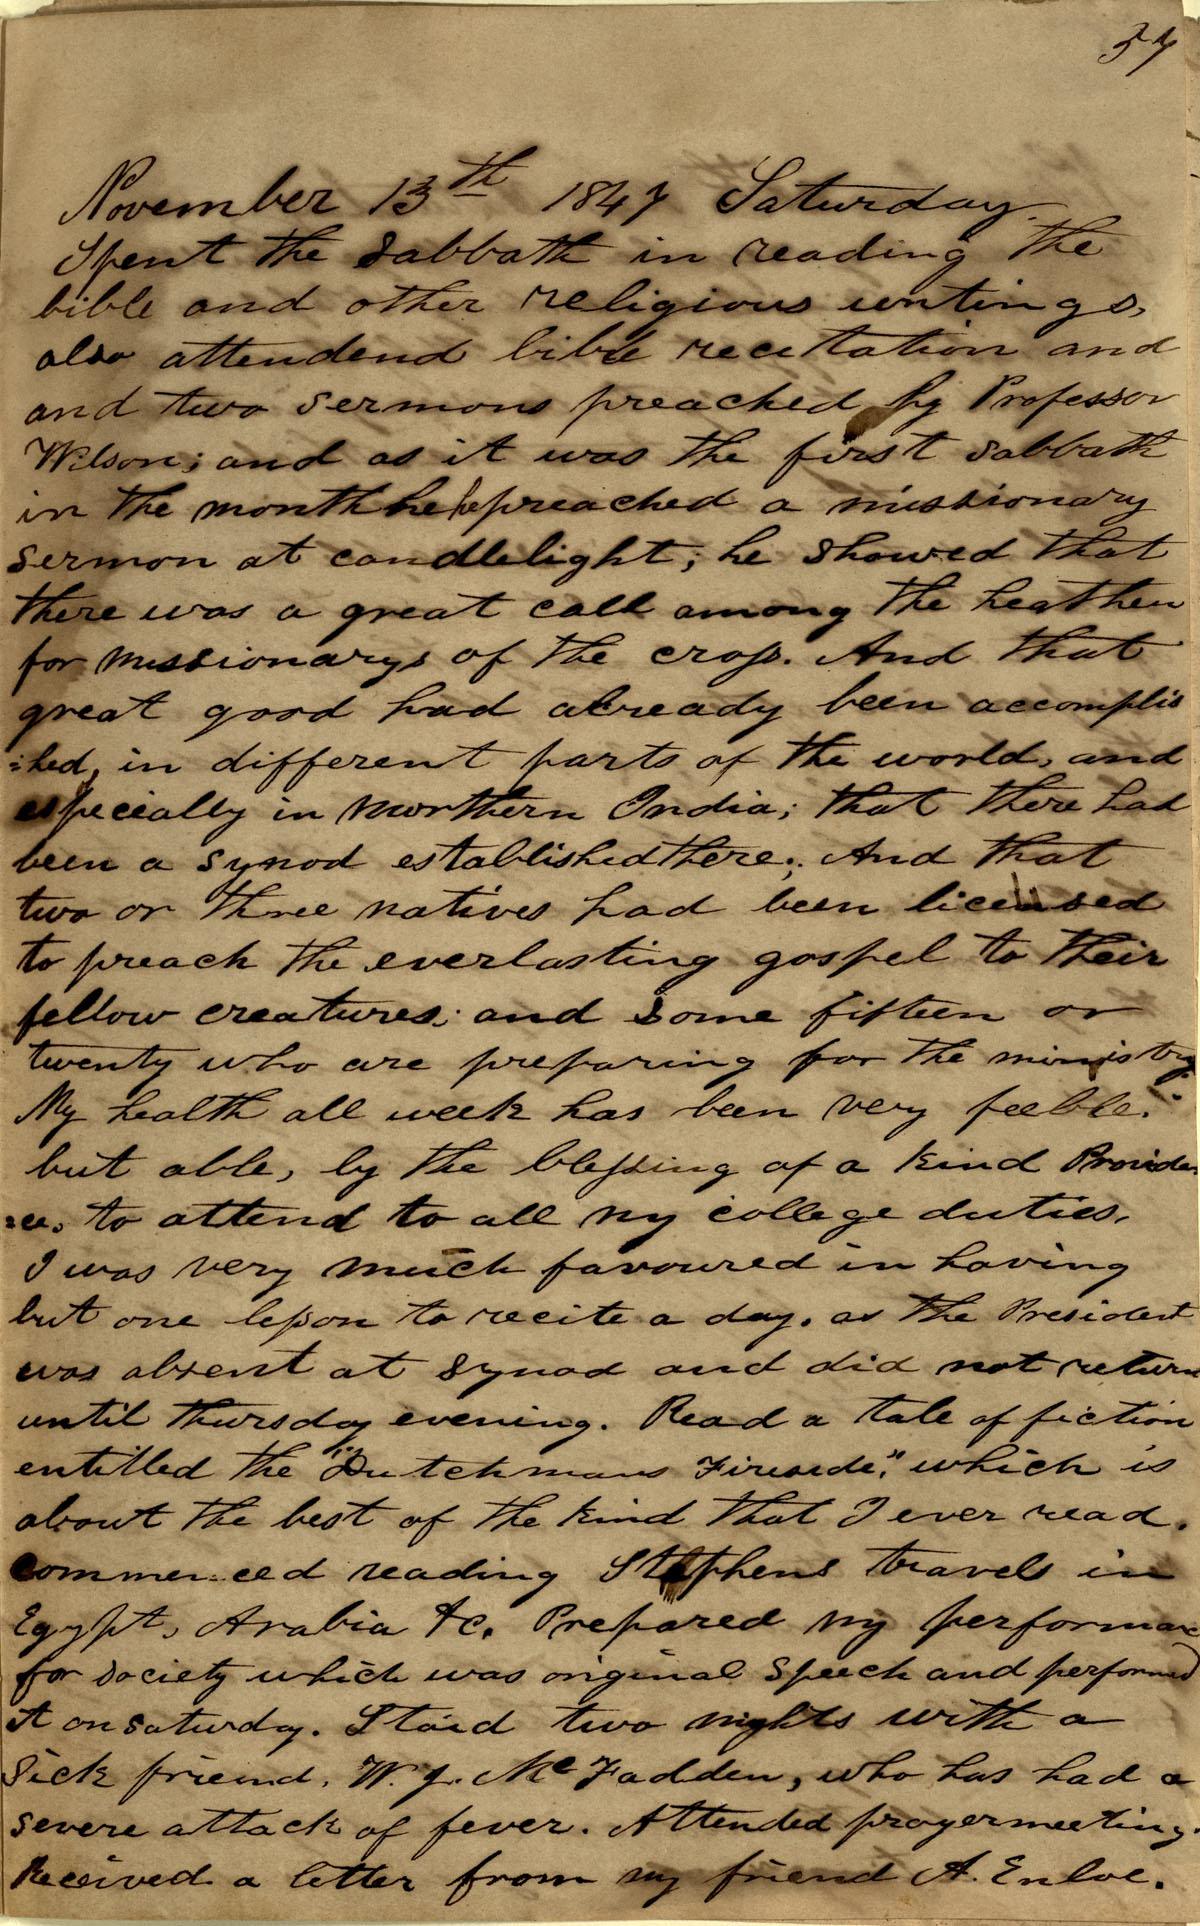 James Diary p.25